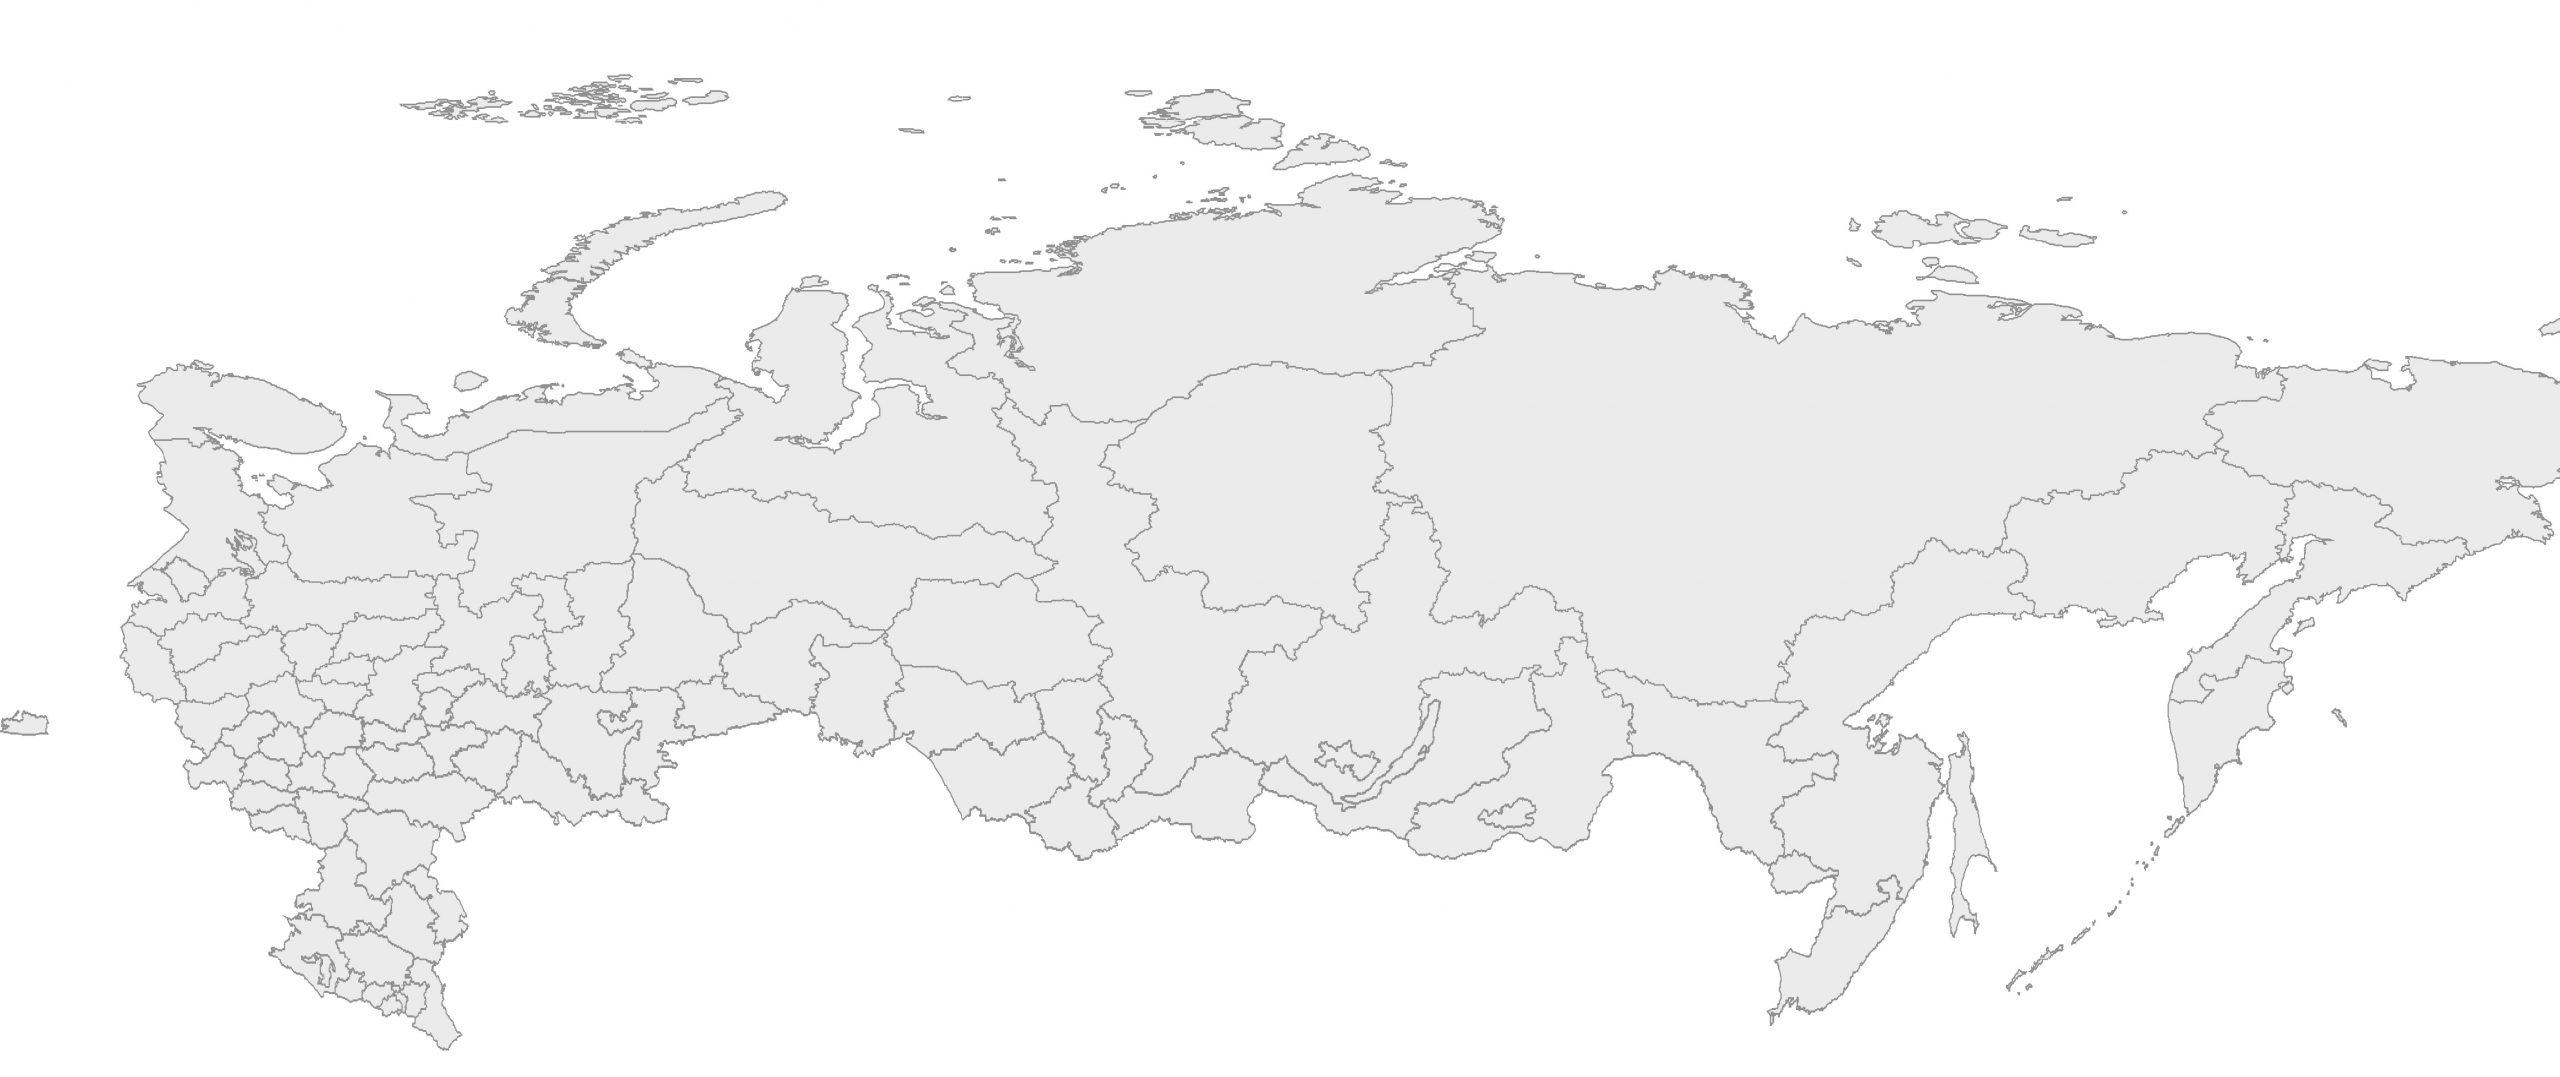 Carte Russie Vierge Régions, Carte Vierge Des Régions De La encequiconcerne Carte Fleuve Europe Vierge